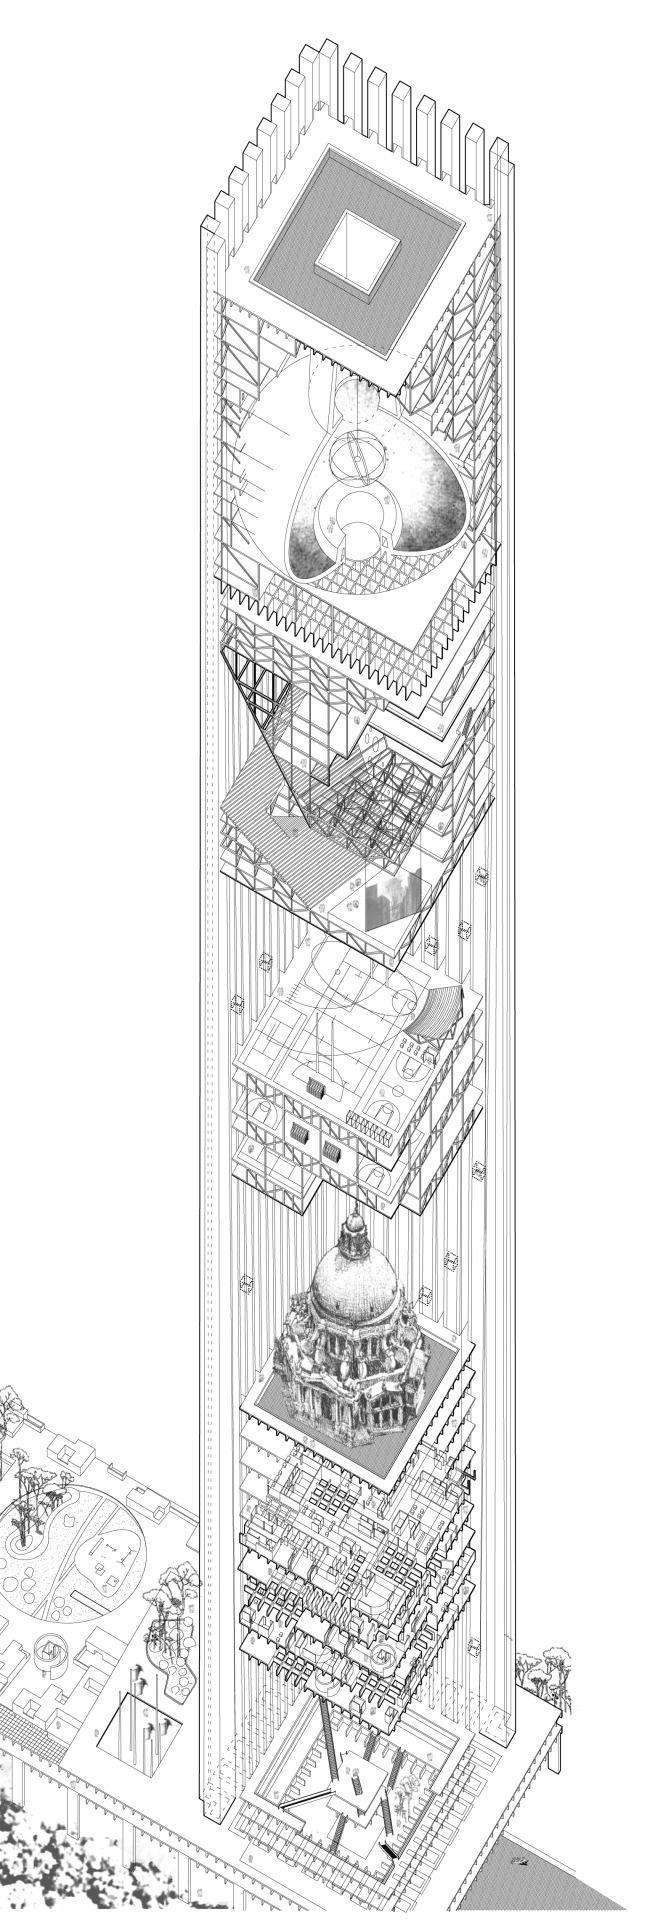 Torres bicentenario. Arquine LOKOMOTIV.archs office LKMV Xavier Calderon Architektur ©